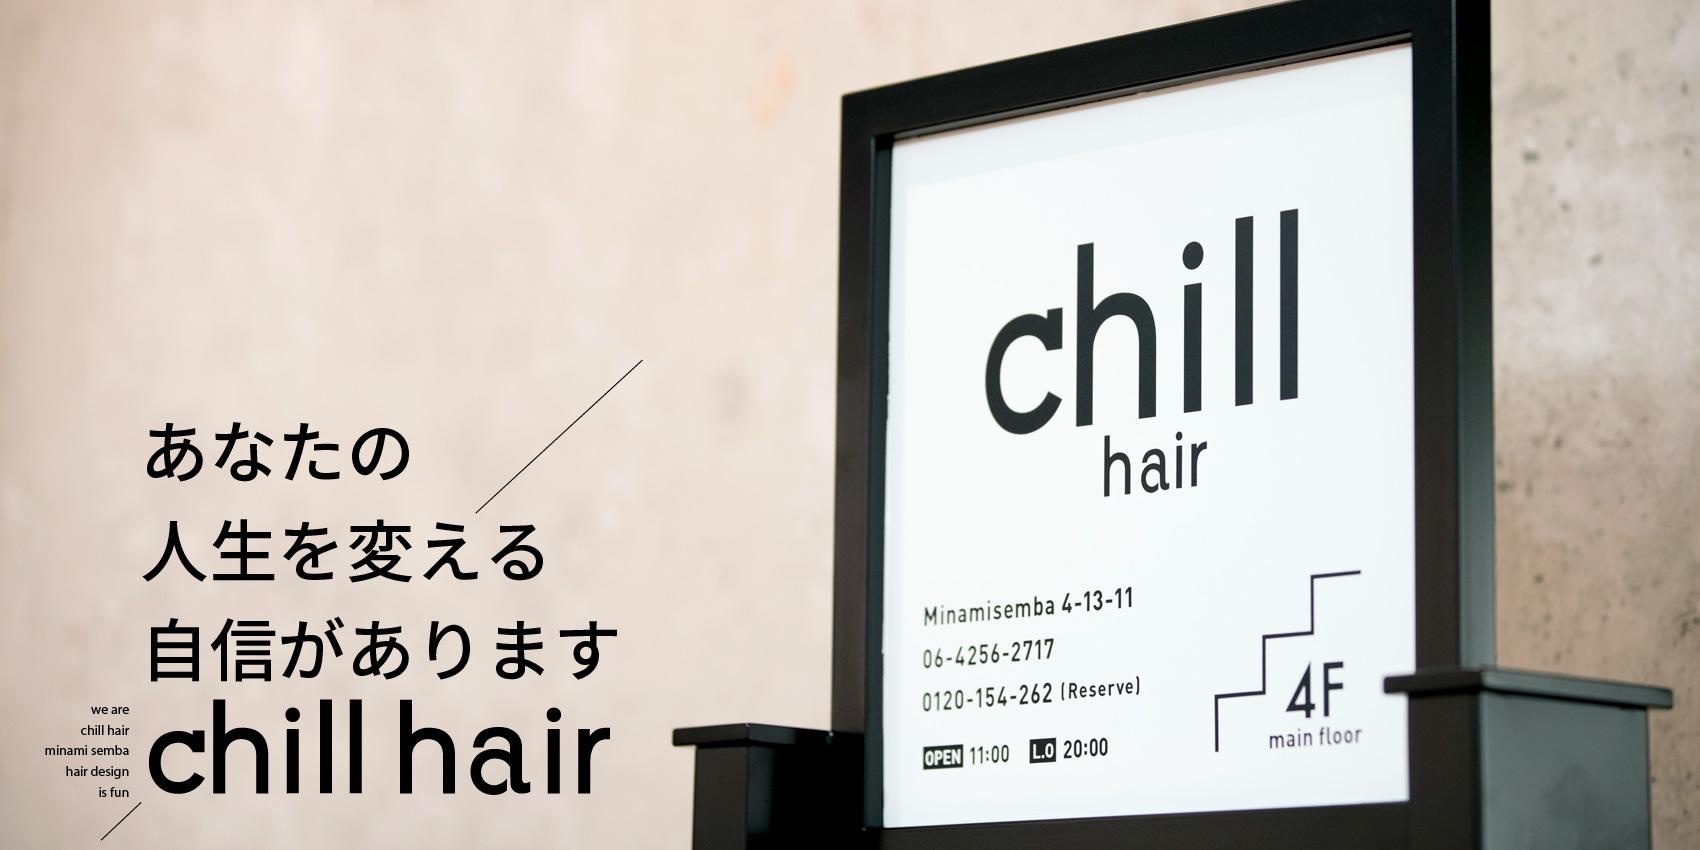 大阪市南船場四丁目 美容室 chill hair チルヘアー あなたの人生を変える自信があります